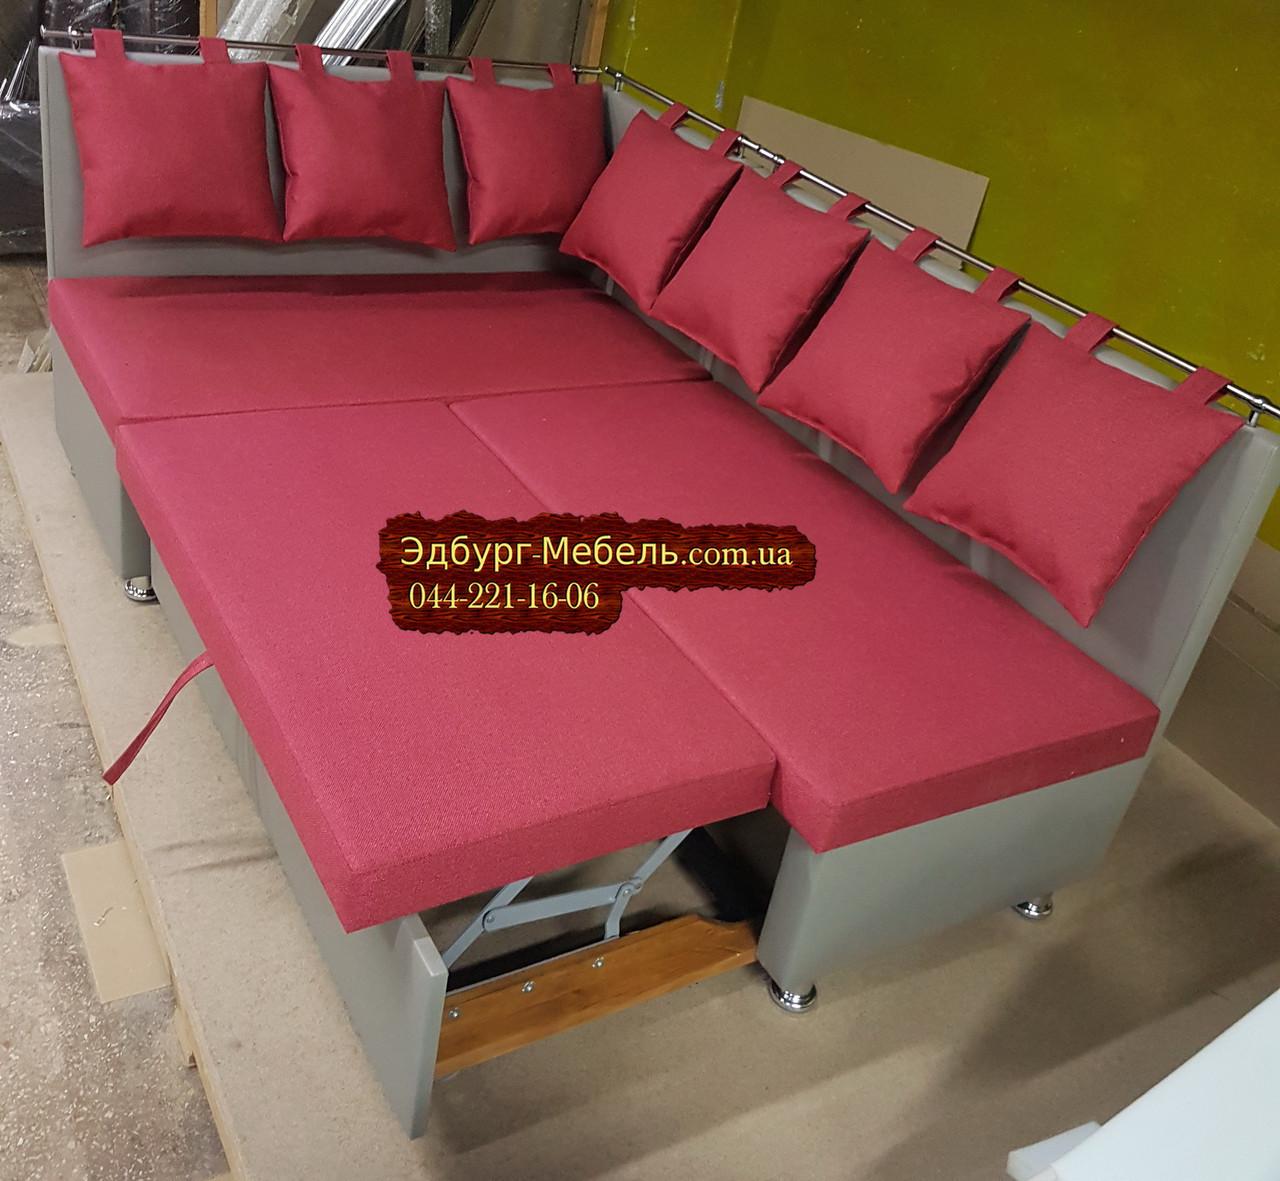 Кухонный уголок со спальным местом комбинированный